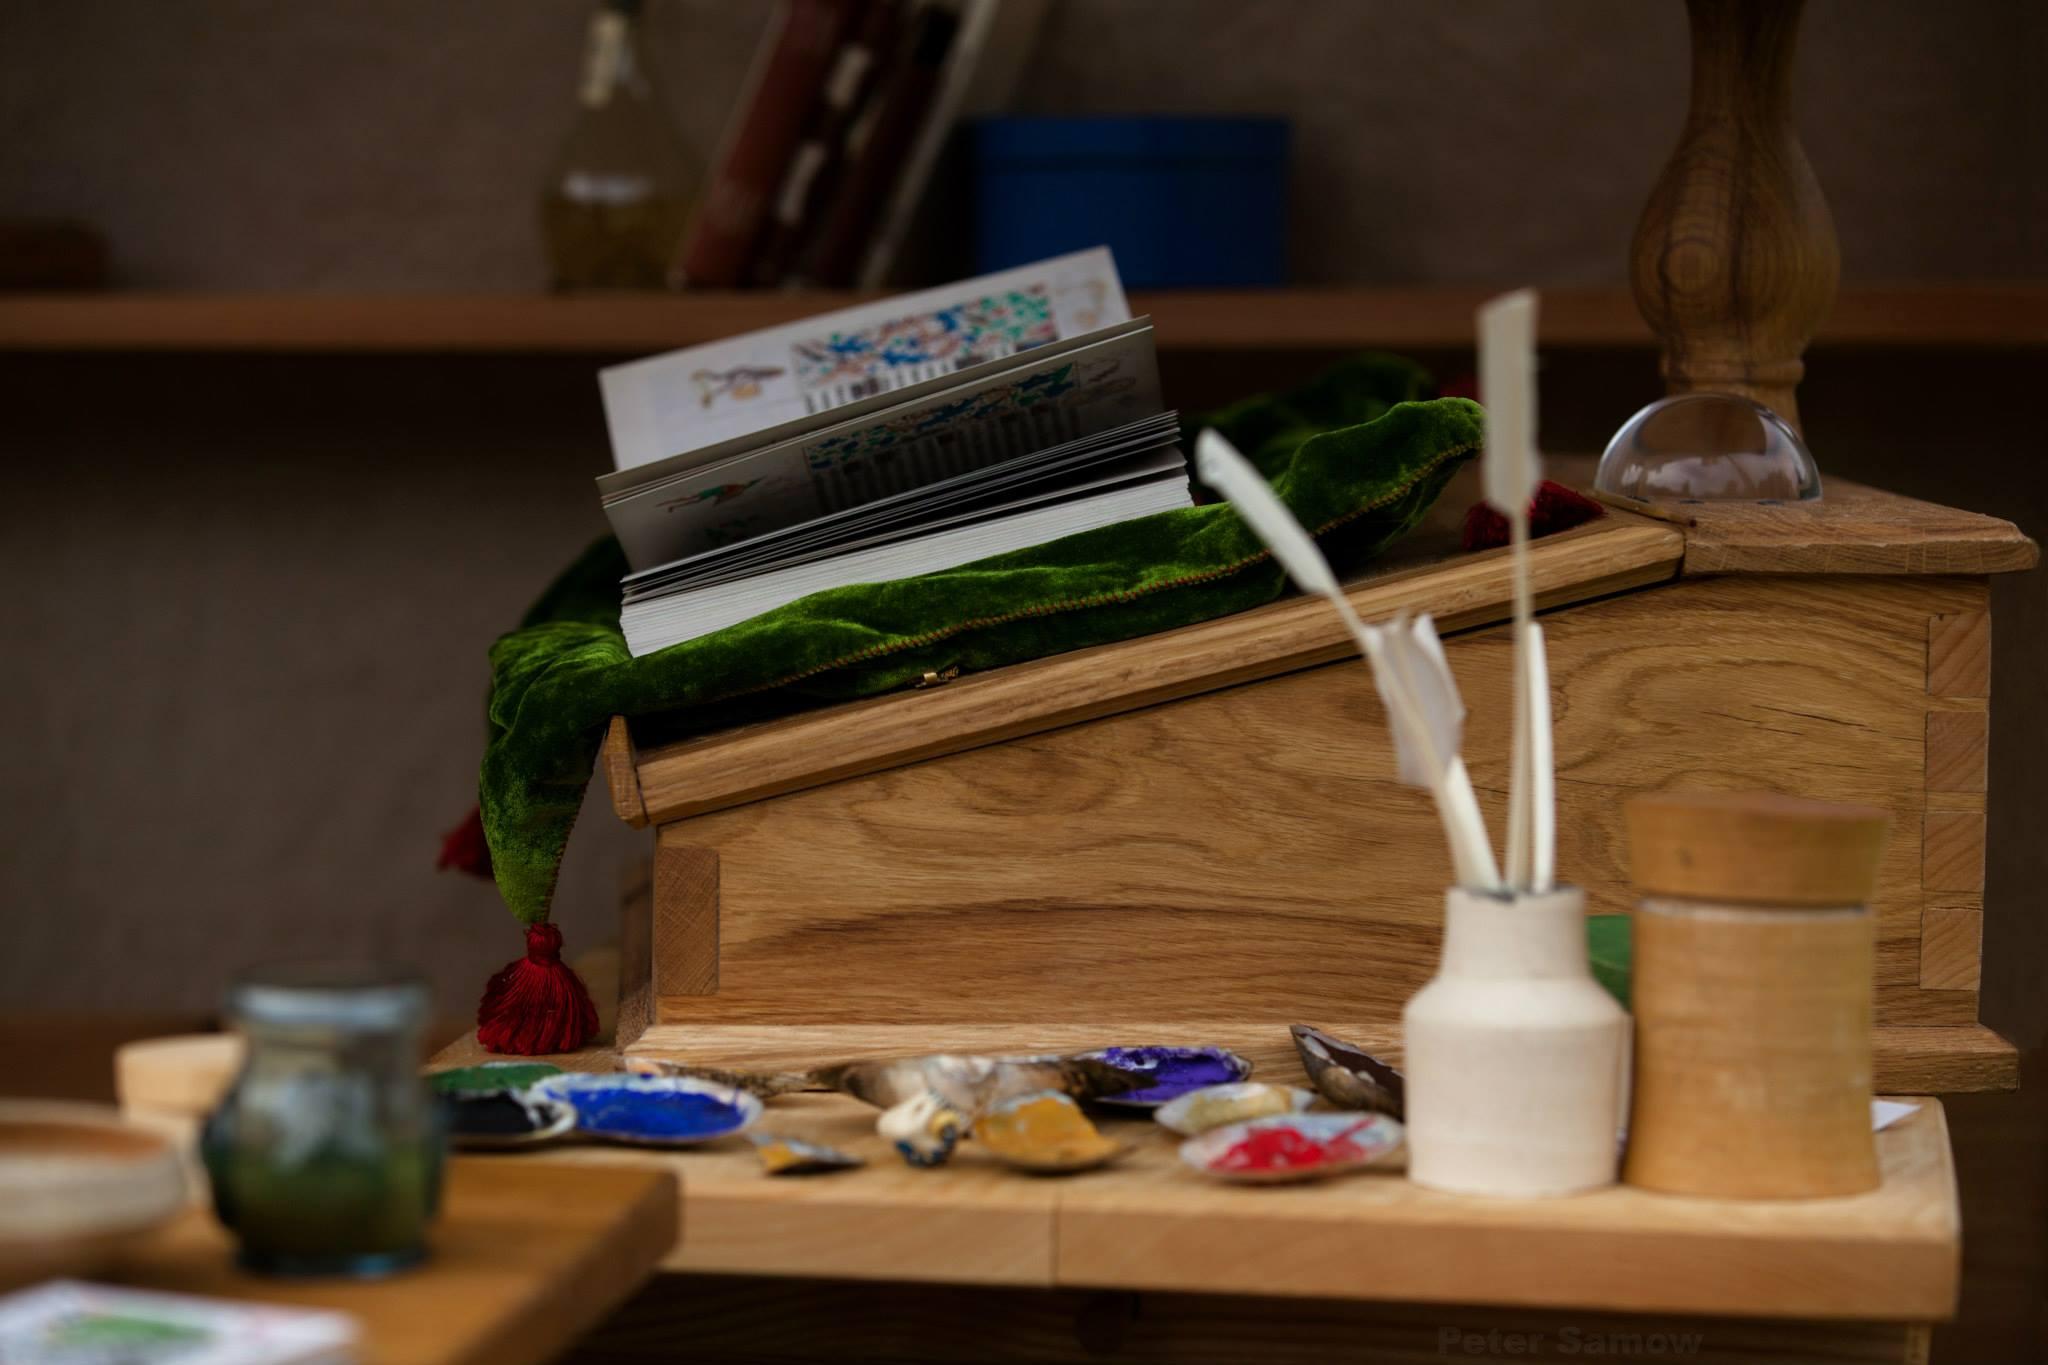 Ein paar Beispiele für die Vielzahl an Gegenständen. Schreiblade, Stundenbuch, Lesestein, Flussmuschelschalen mit getrockneter Temperafarbe, Gänsekiele...